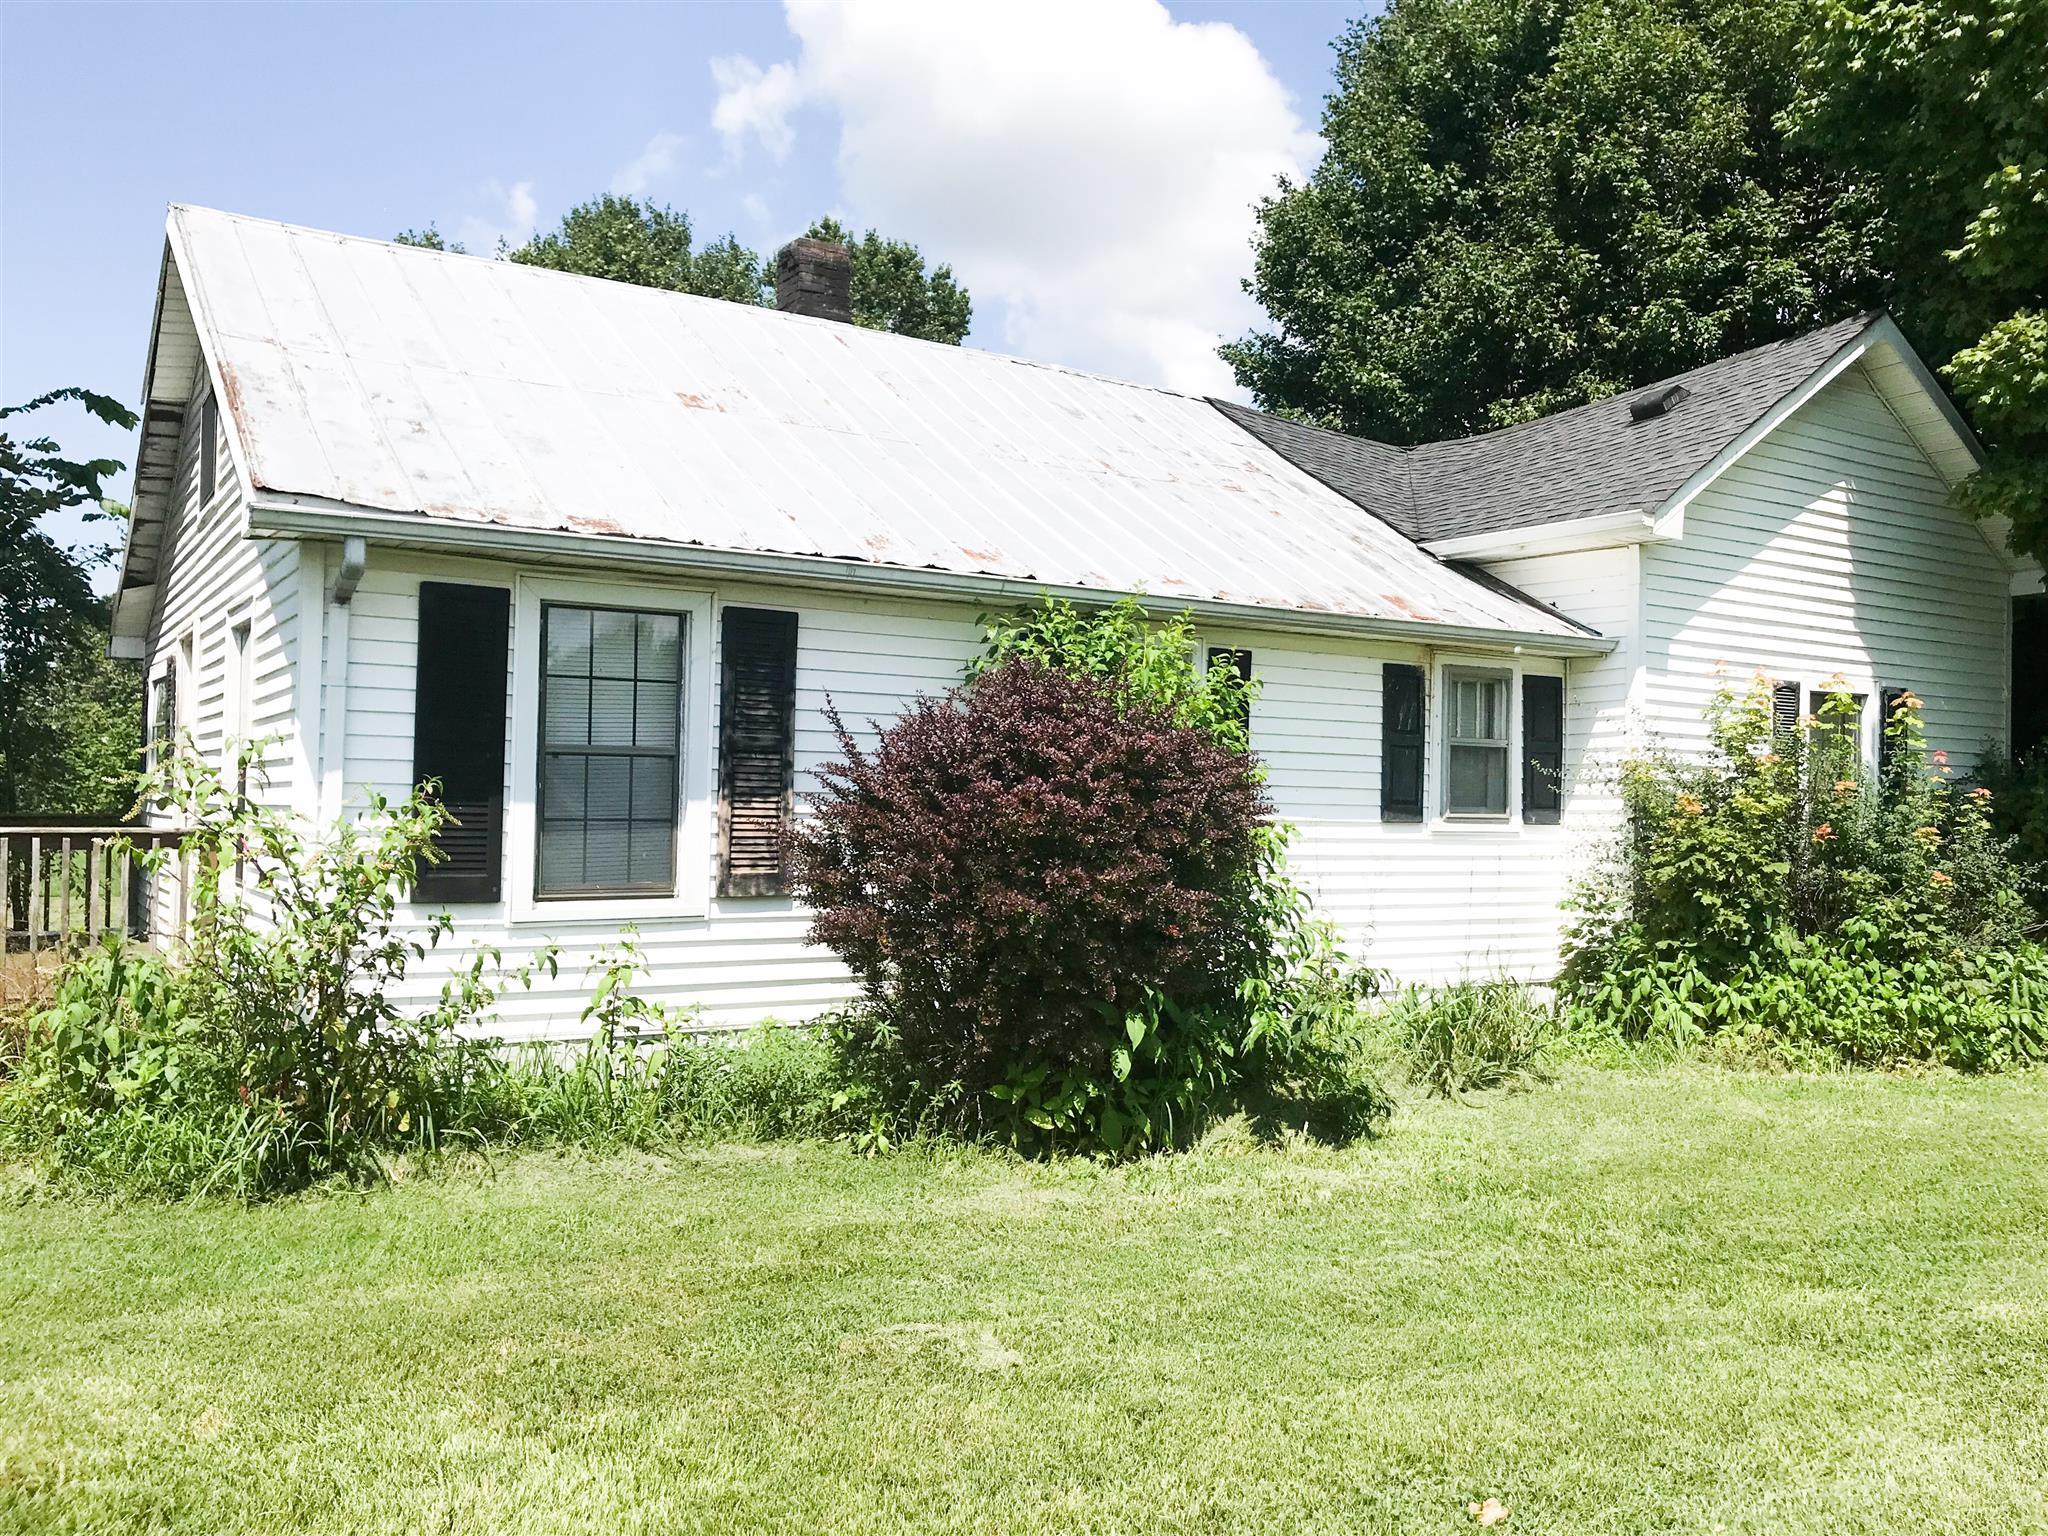 865 31 W Highway Old, Portland, TN 37148 - Portland, TN real estate listing